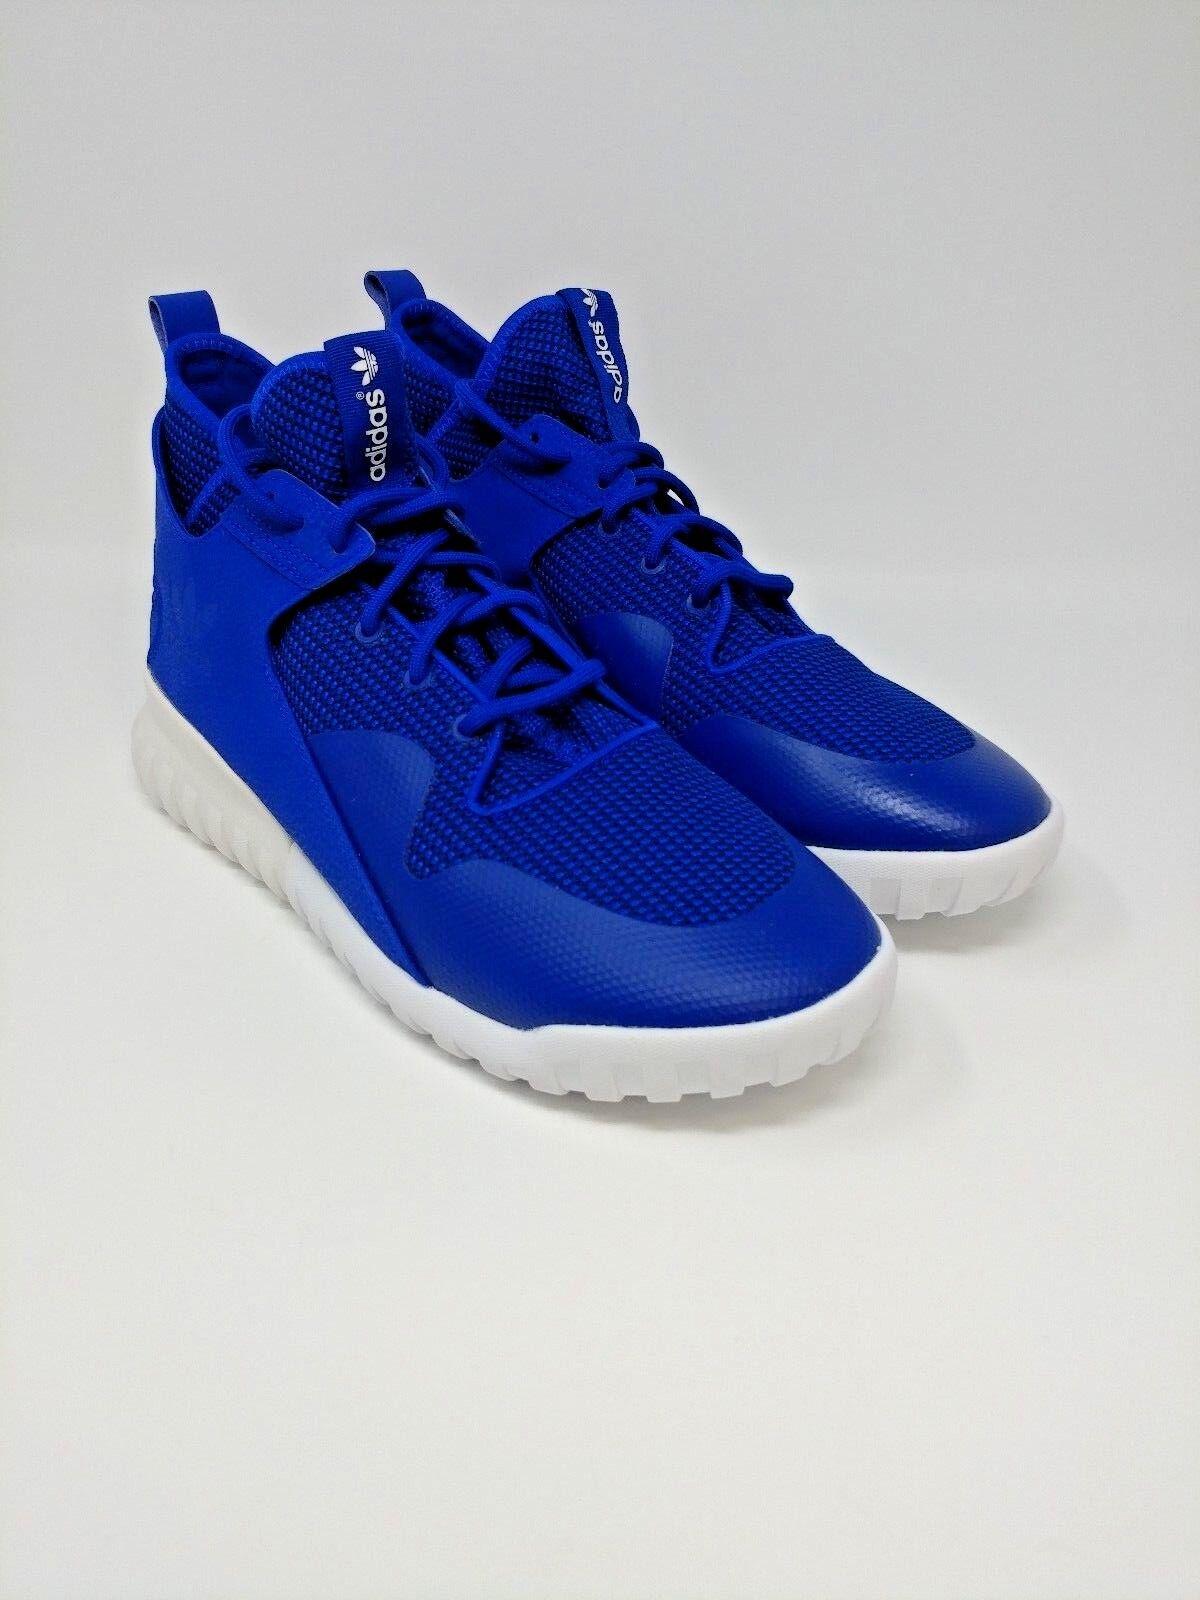 Adidas Tubular X SIZE 10 Royal bluee Flat White